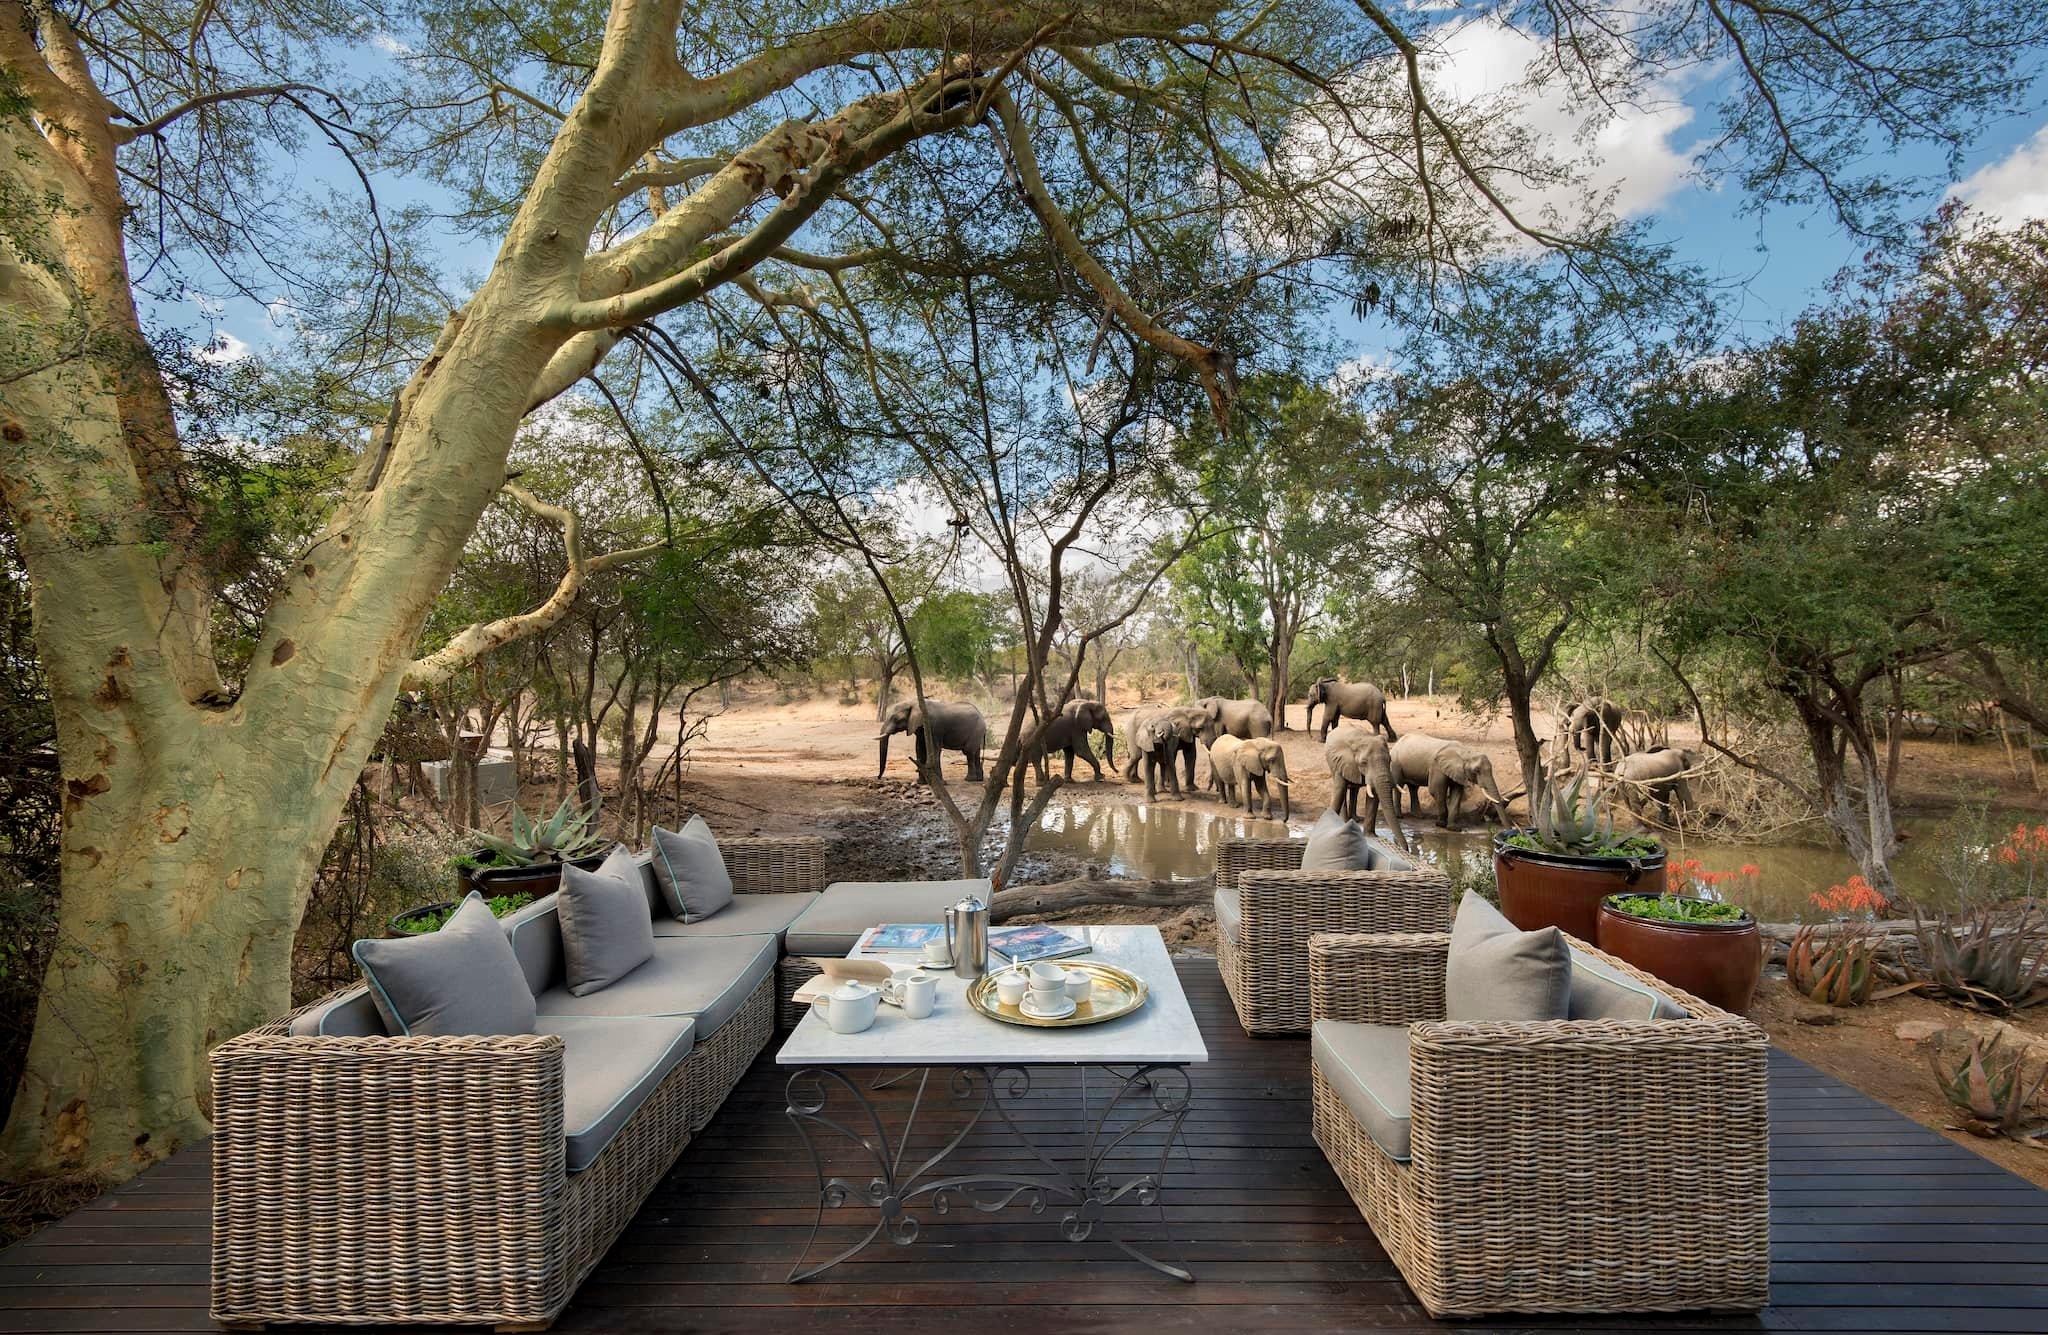 andBeyond-ngala-safari-lodge-exterior-deck-guest-areas-01.jpeg